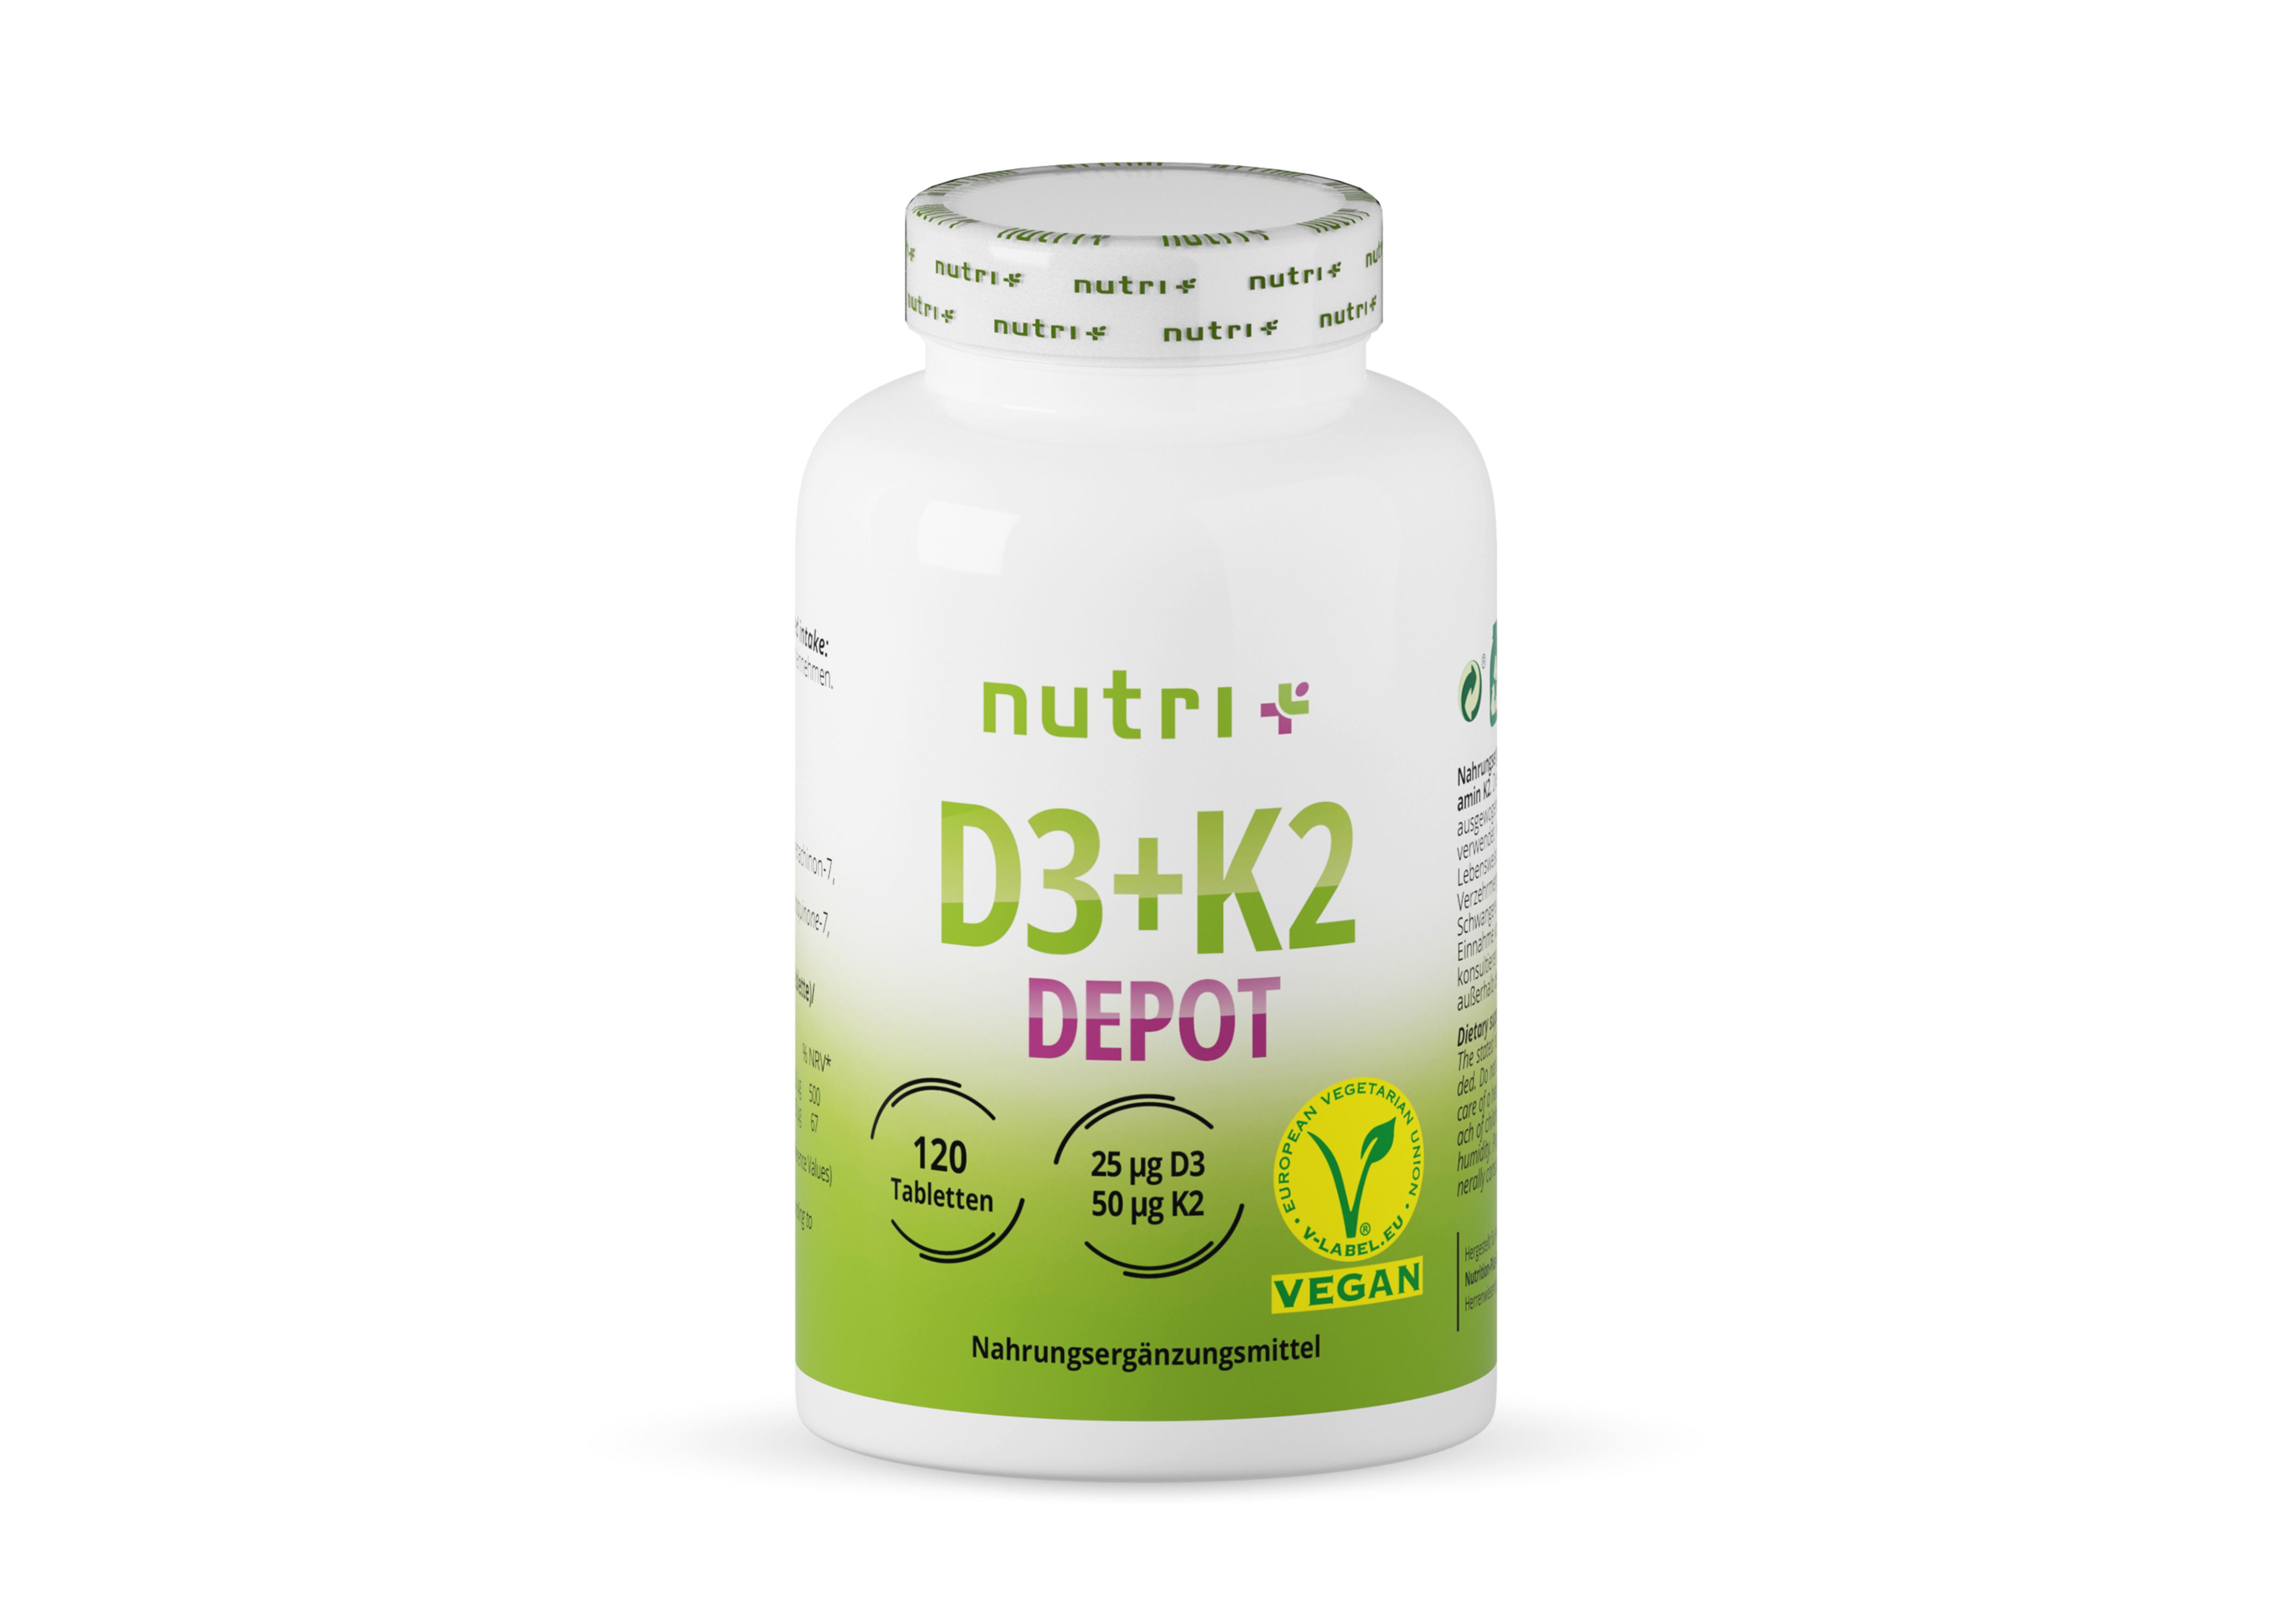 nutri+ D3 + K2 Depot - Vitamin-Tabletten